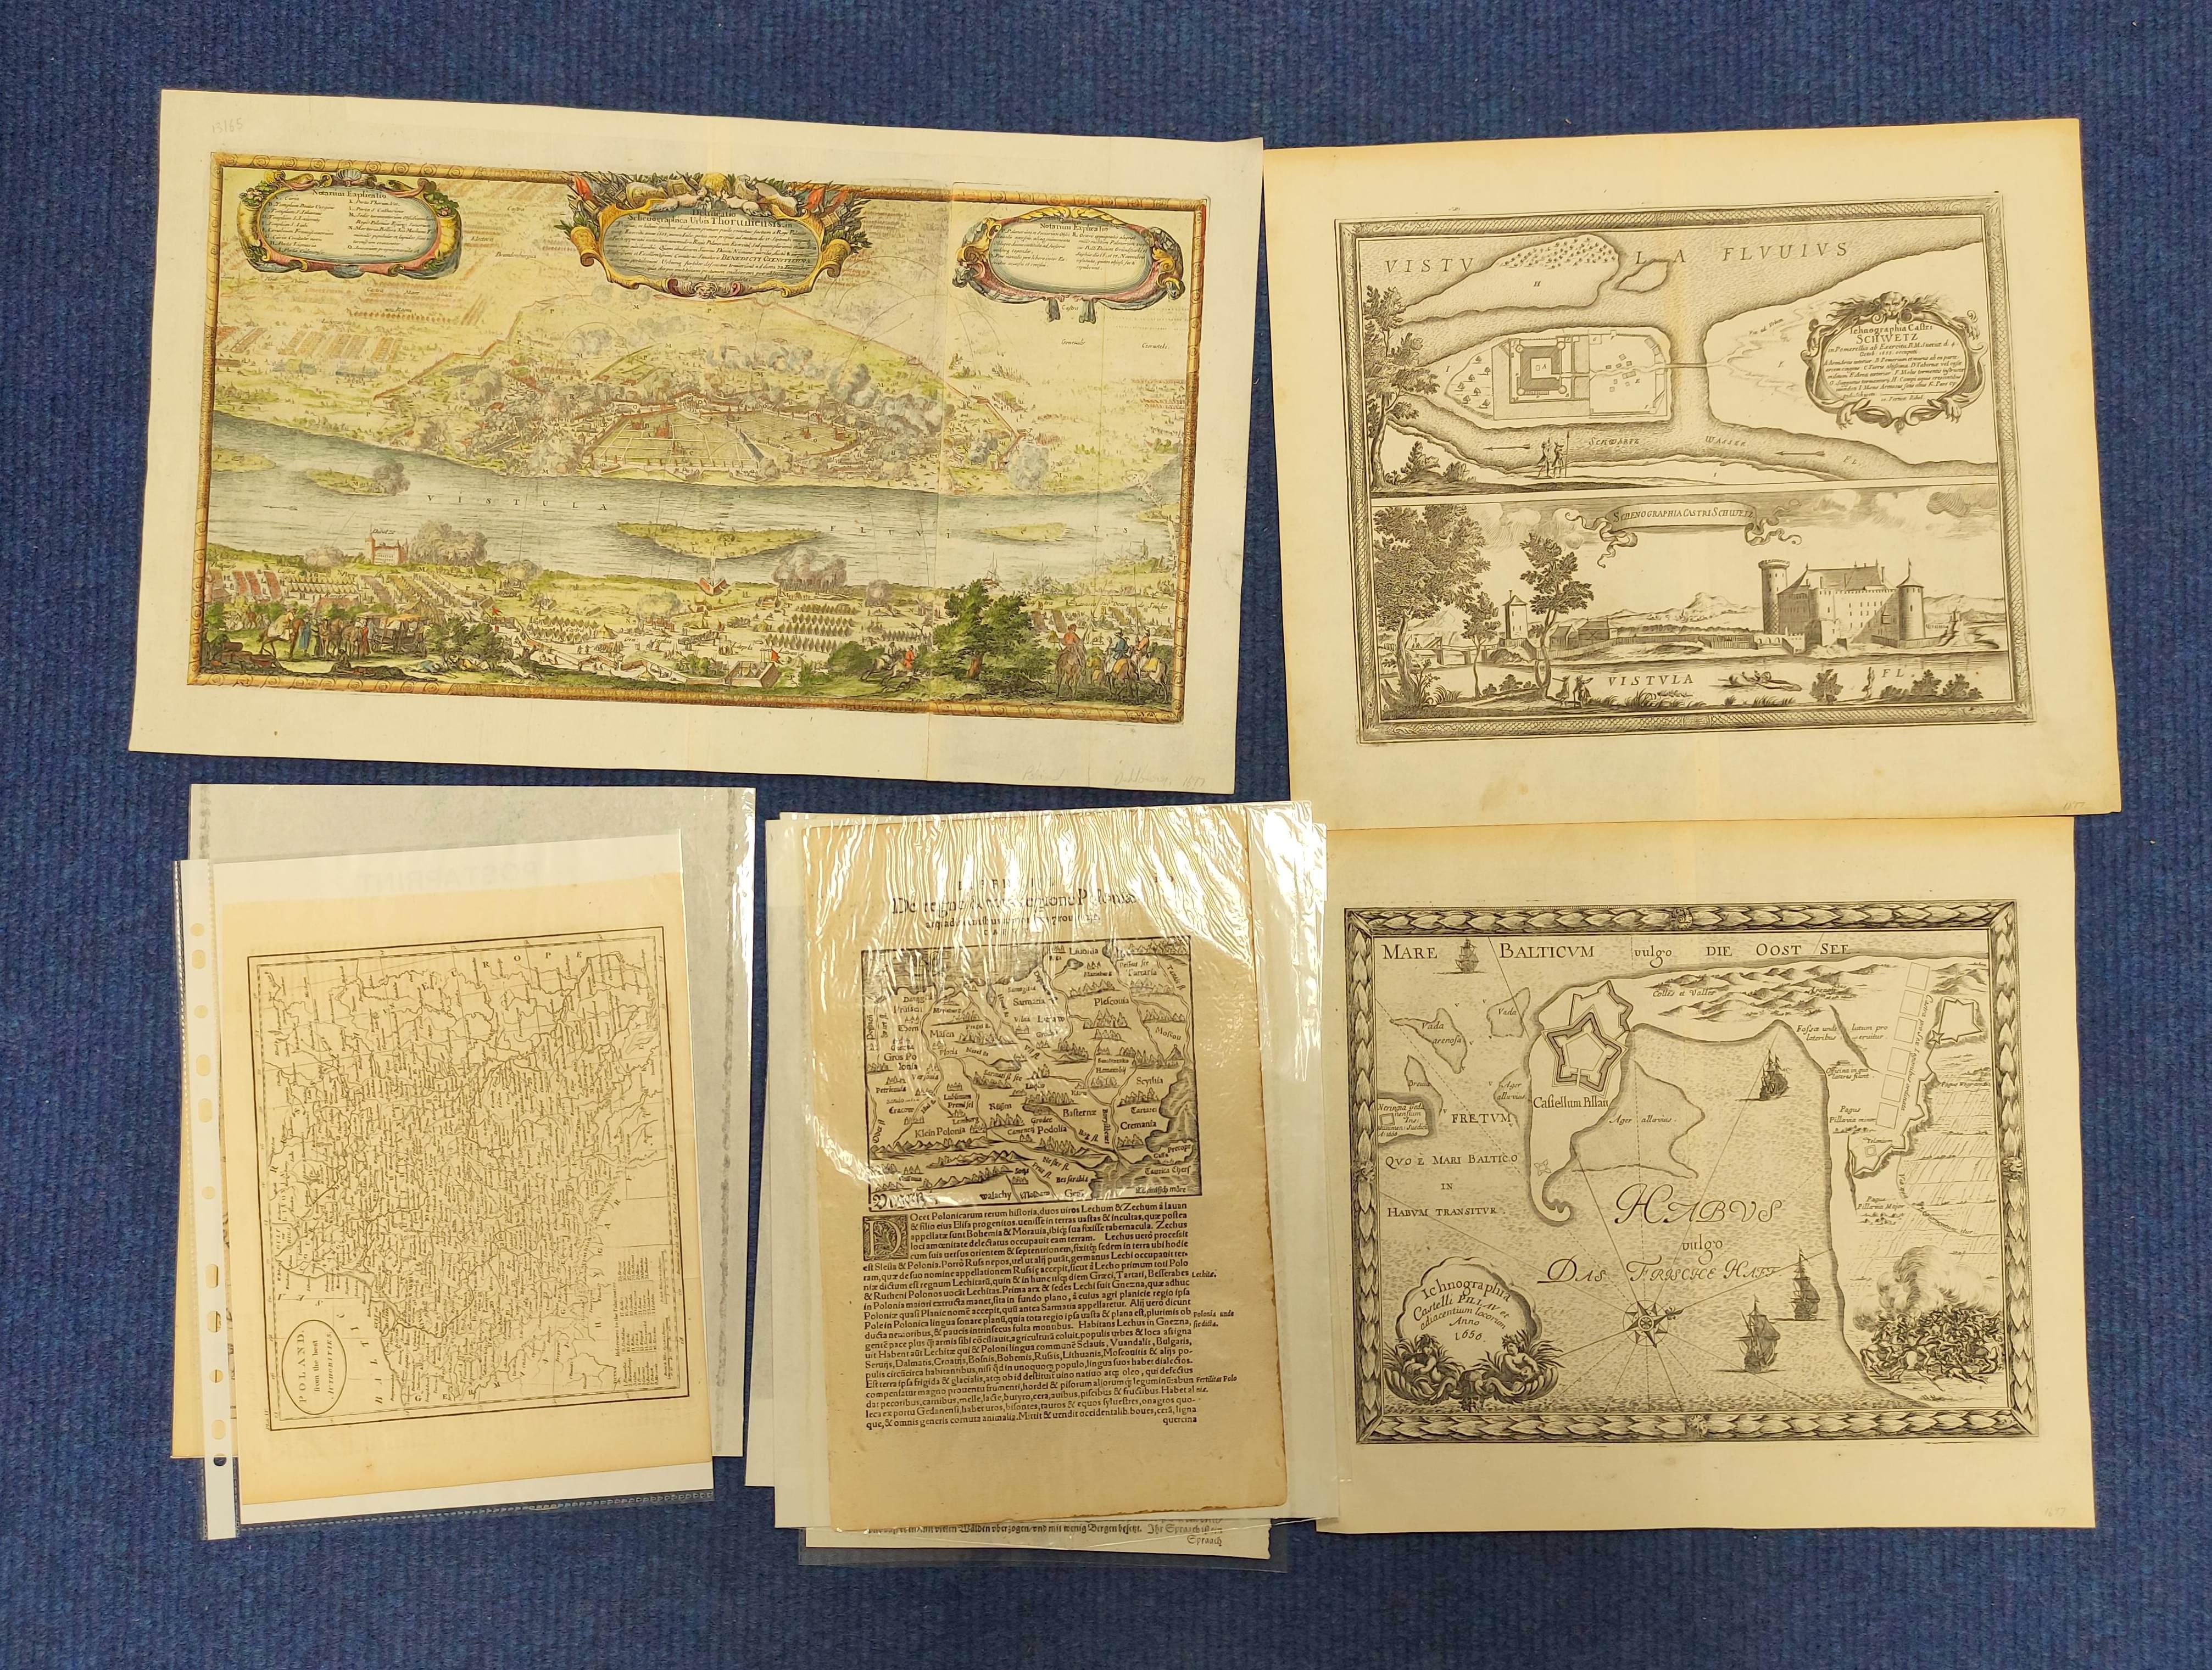 (DAHLBERG E. J.)Ichnographia Castri Schwetz & Ichnographia Castelli Pillau. 2 17th cent.